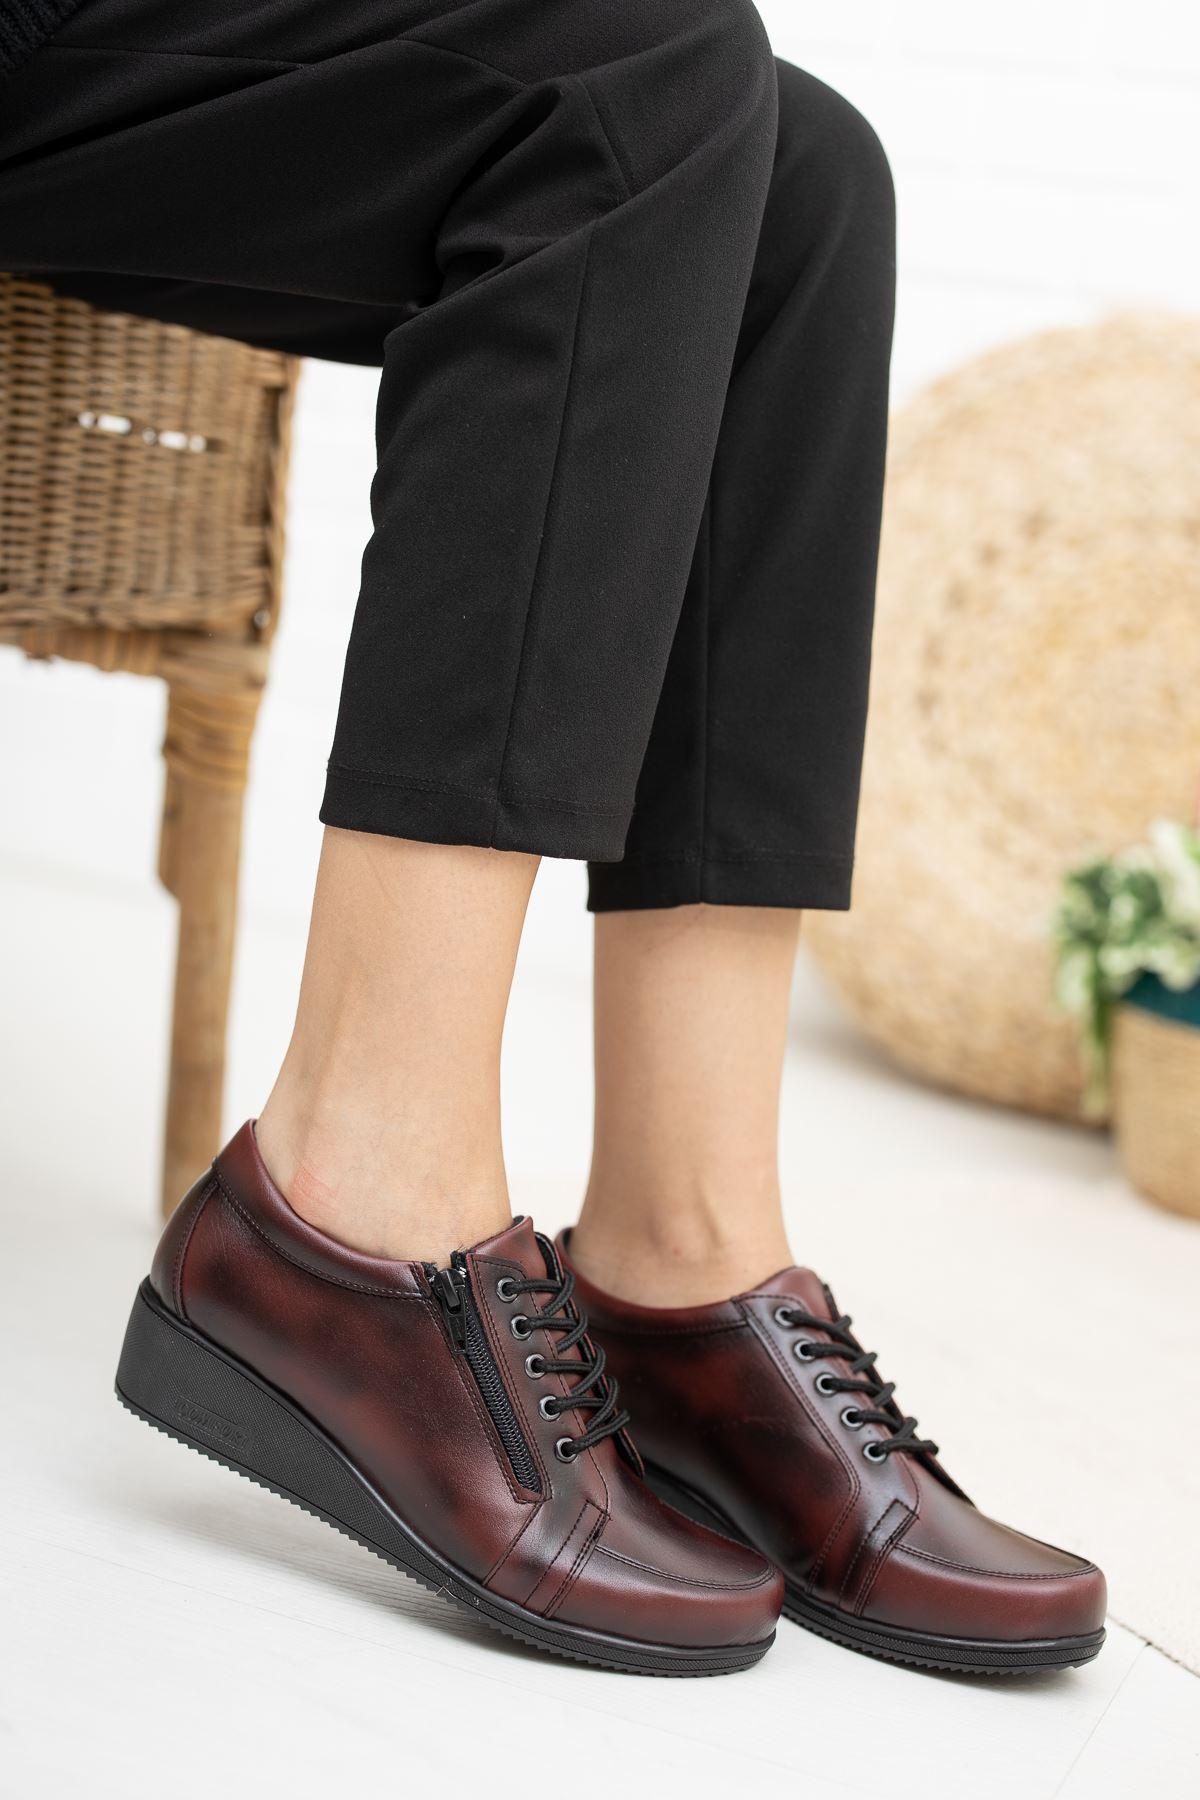 Fermuarlı Bağcıklı  Ortapedik Pedli Bordo Cilt Ayakkabı